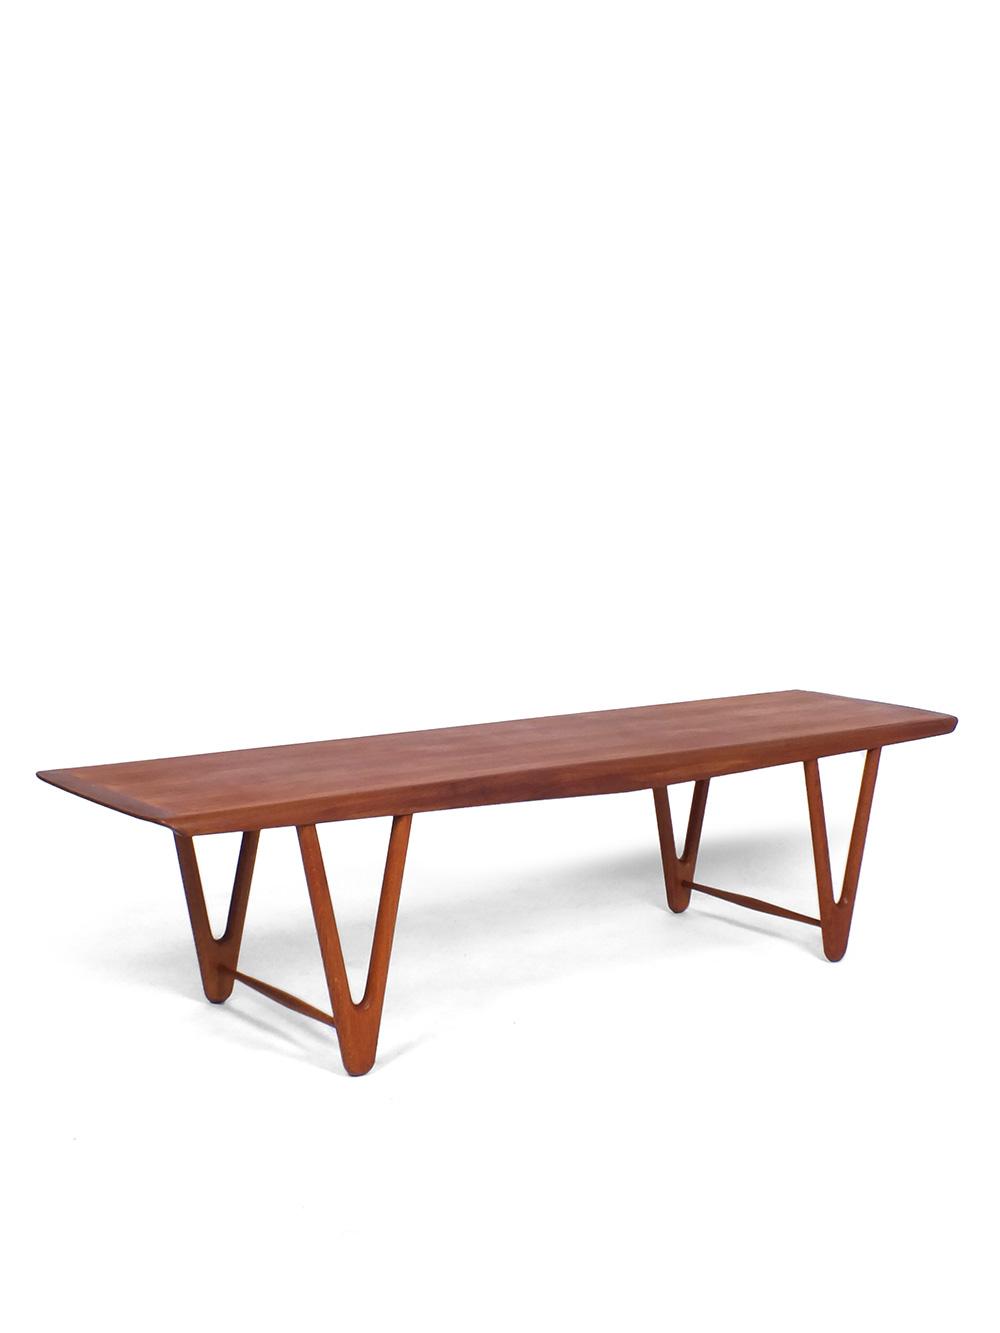 New Lange Teakhouten salontafel - toegeschreven aan Kurt Østervig @DB05